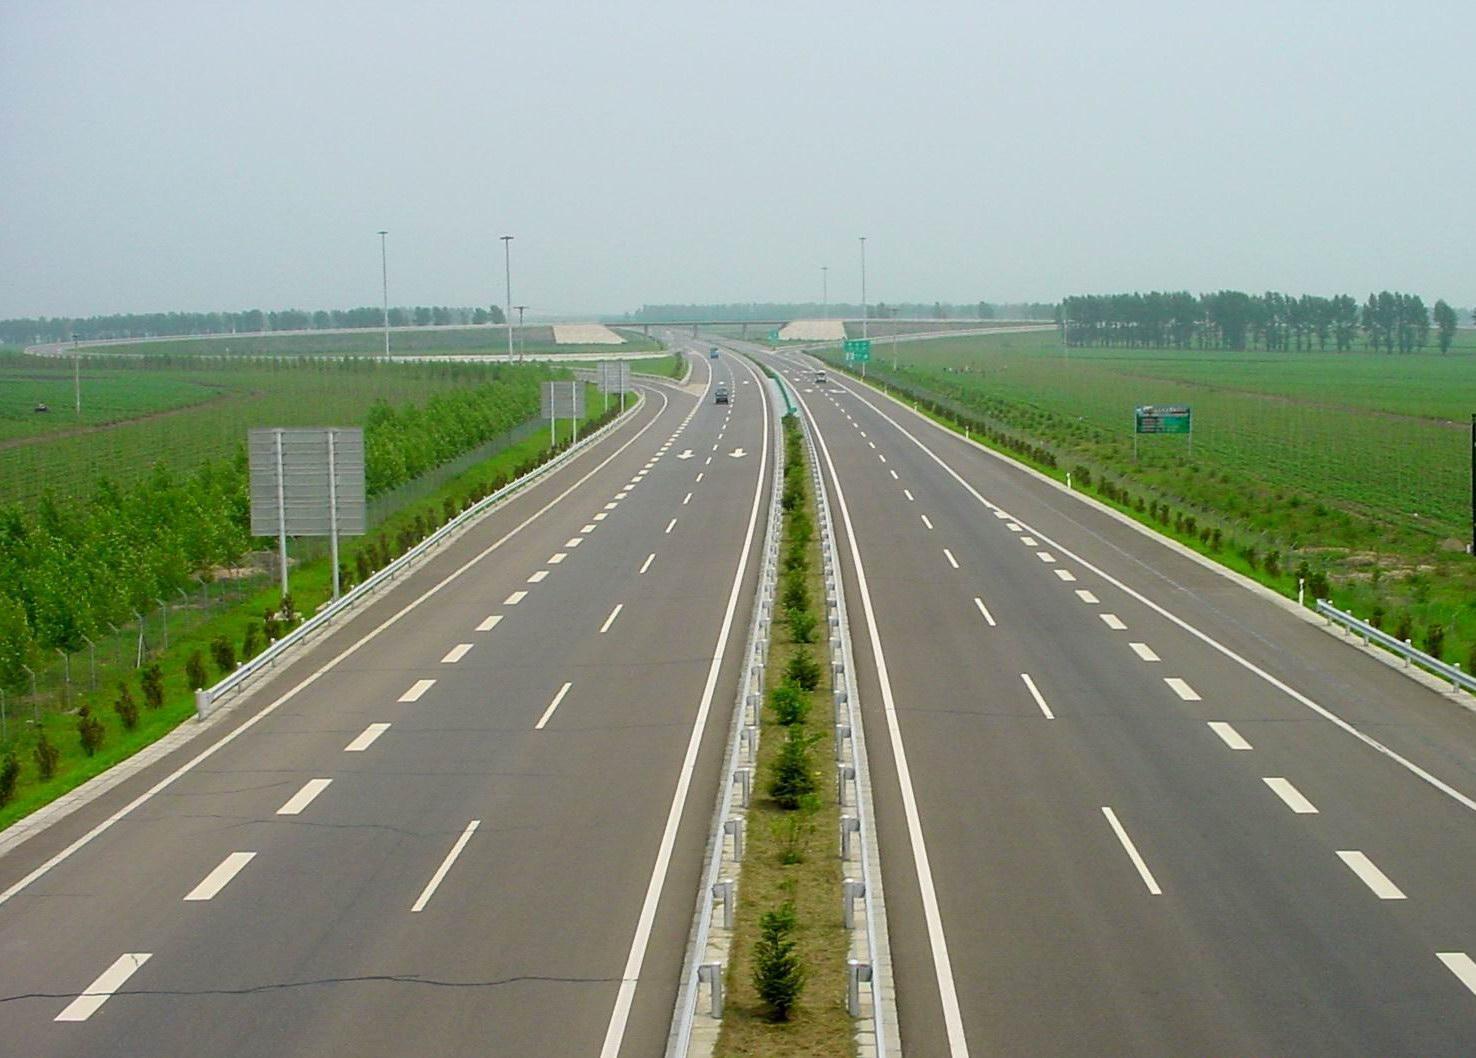 高速公路波形护栏 护栏网 厂家直销 质量可靠